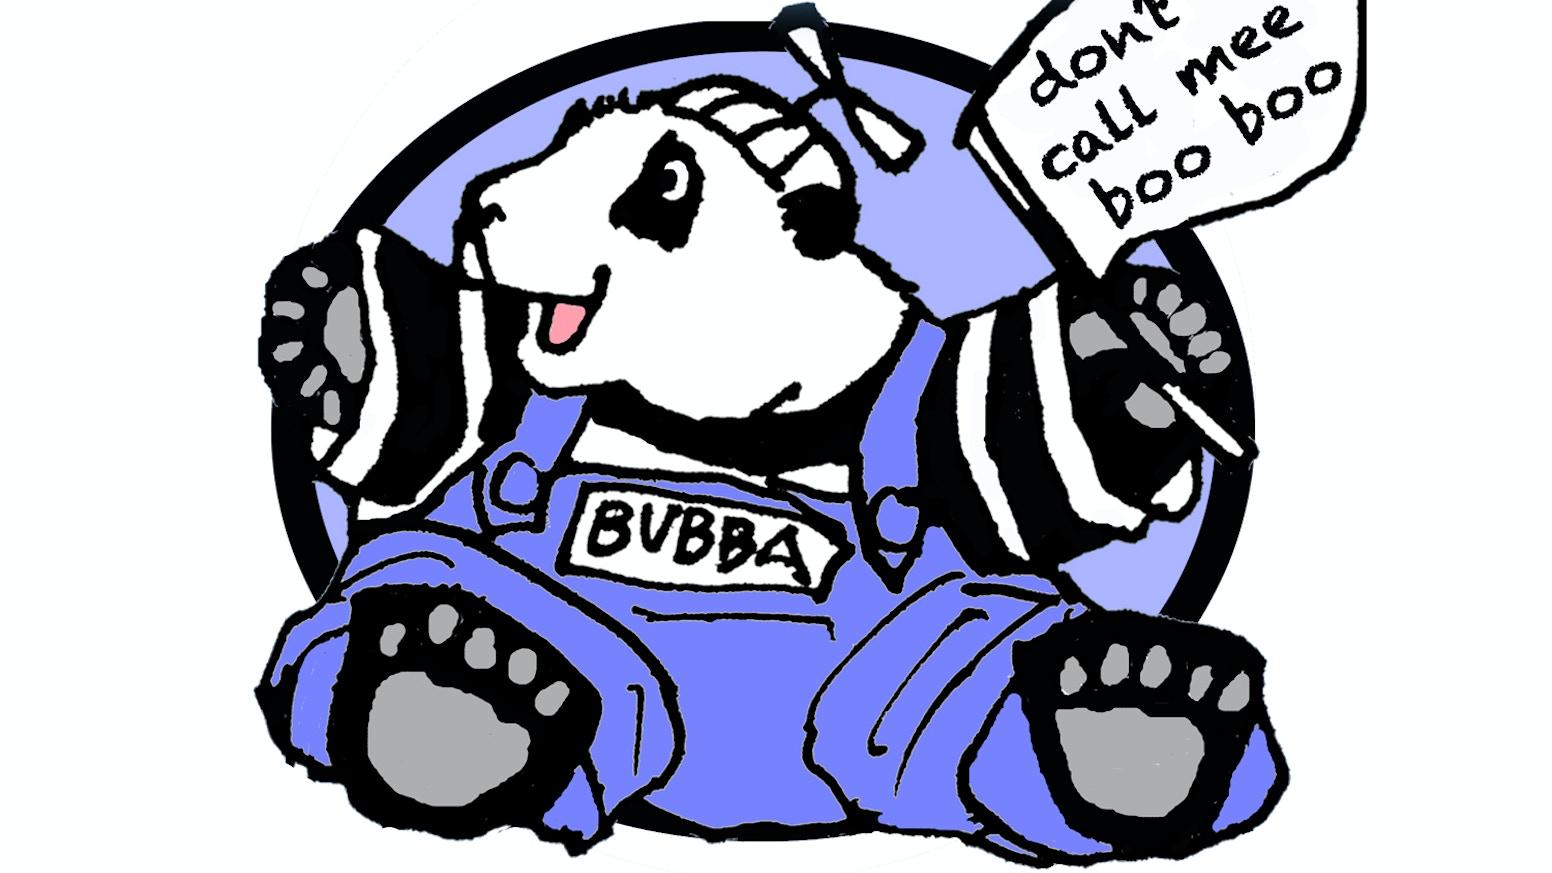 Put a Panda on it 2.0: The next Panda Chronicles Pin!